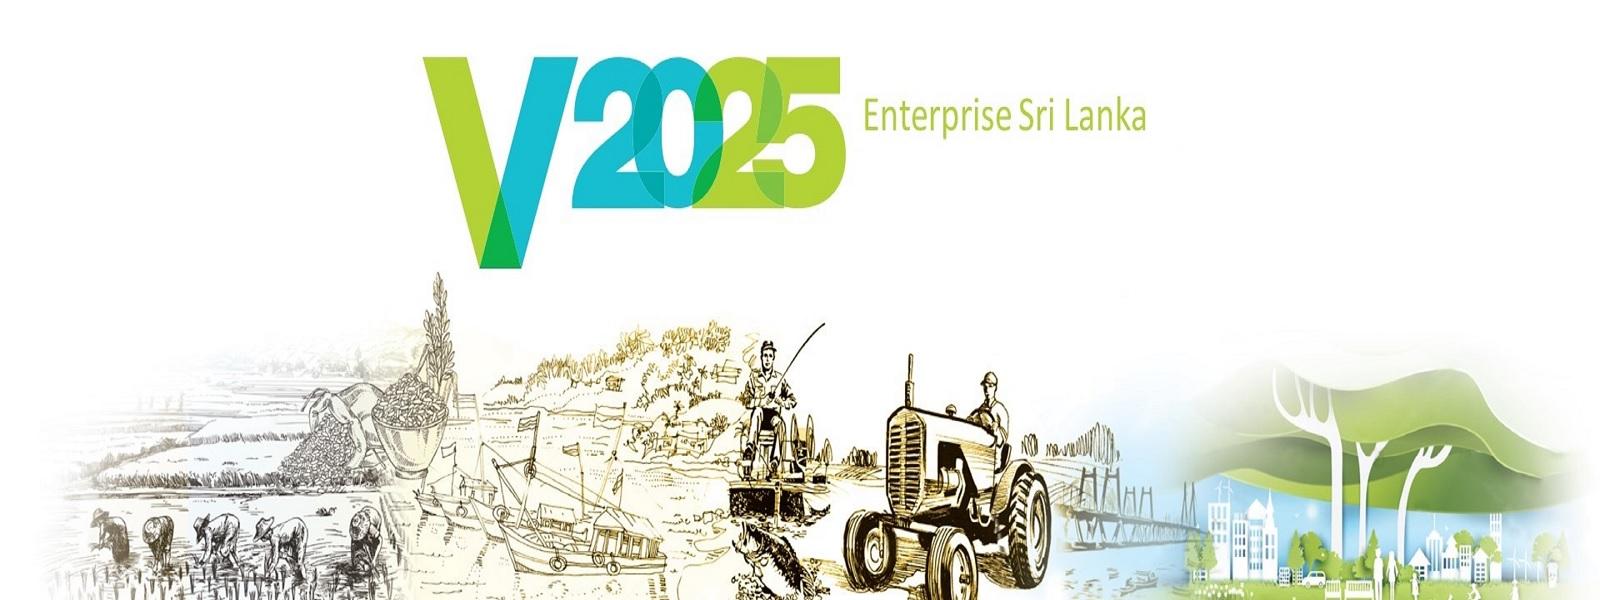 Enterprise Sri Lanka திட்டத்தின் கீழ் 91 மில்லியன் ரூபா கடன் உதவி